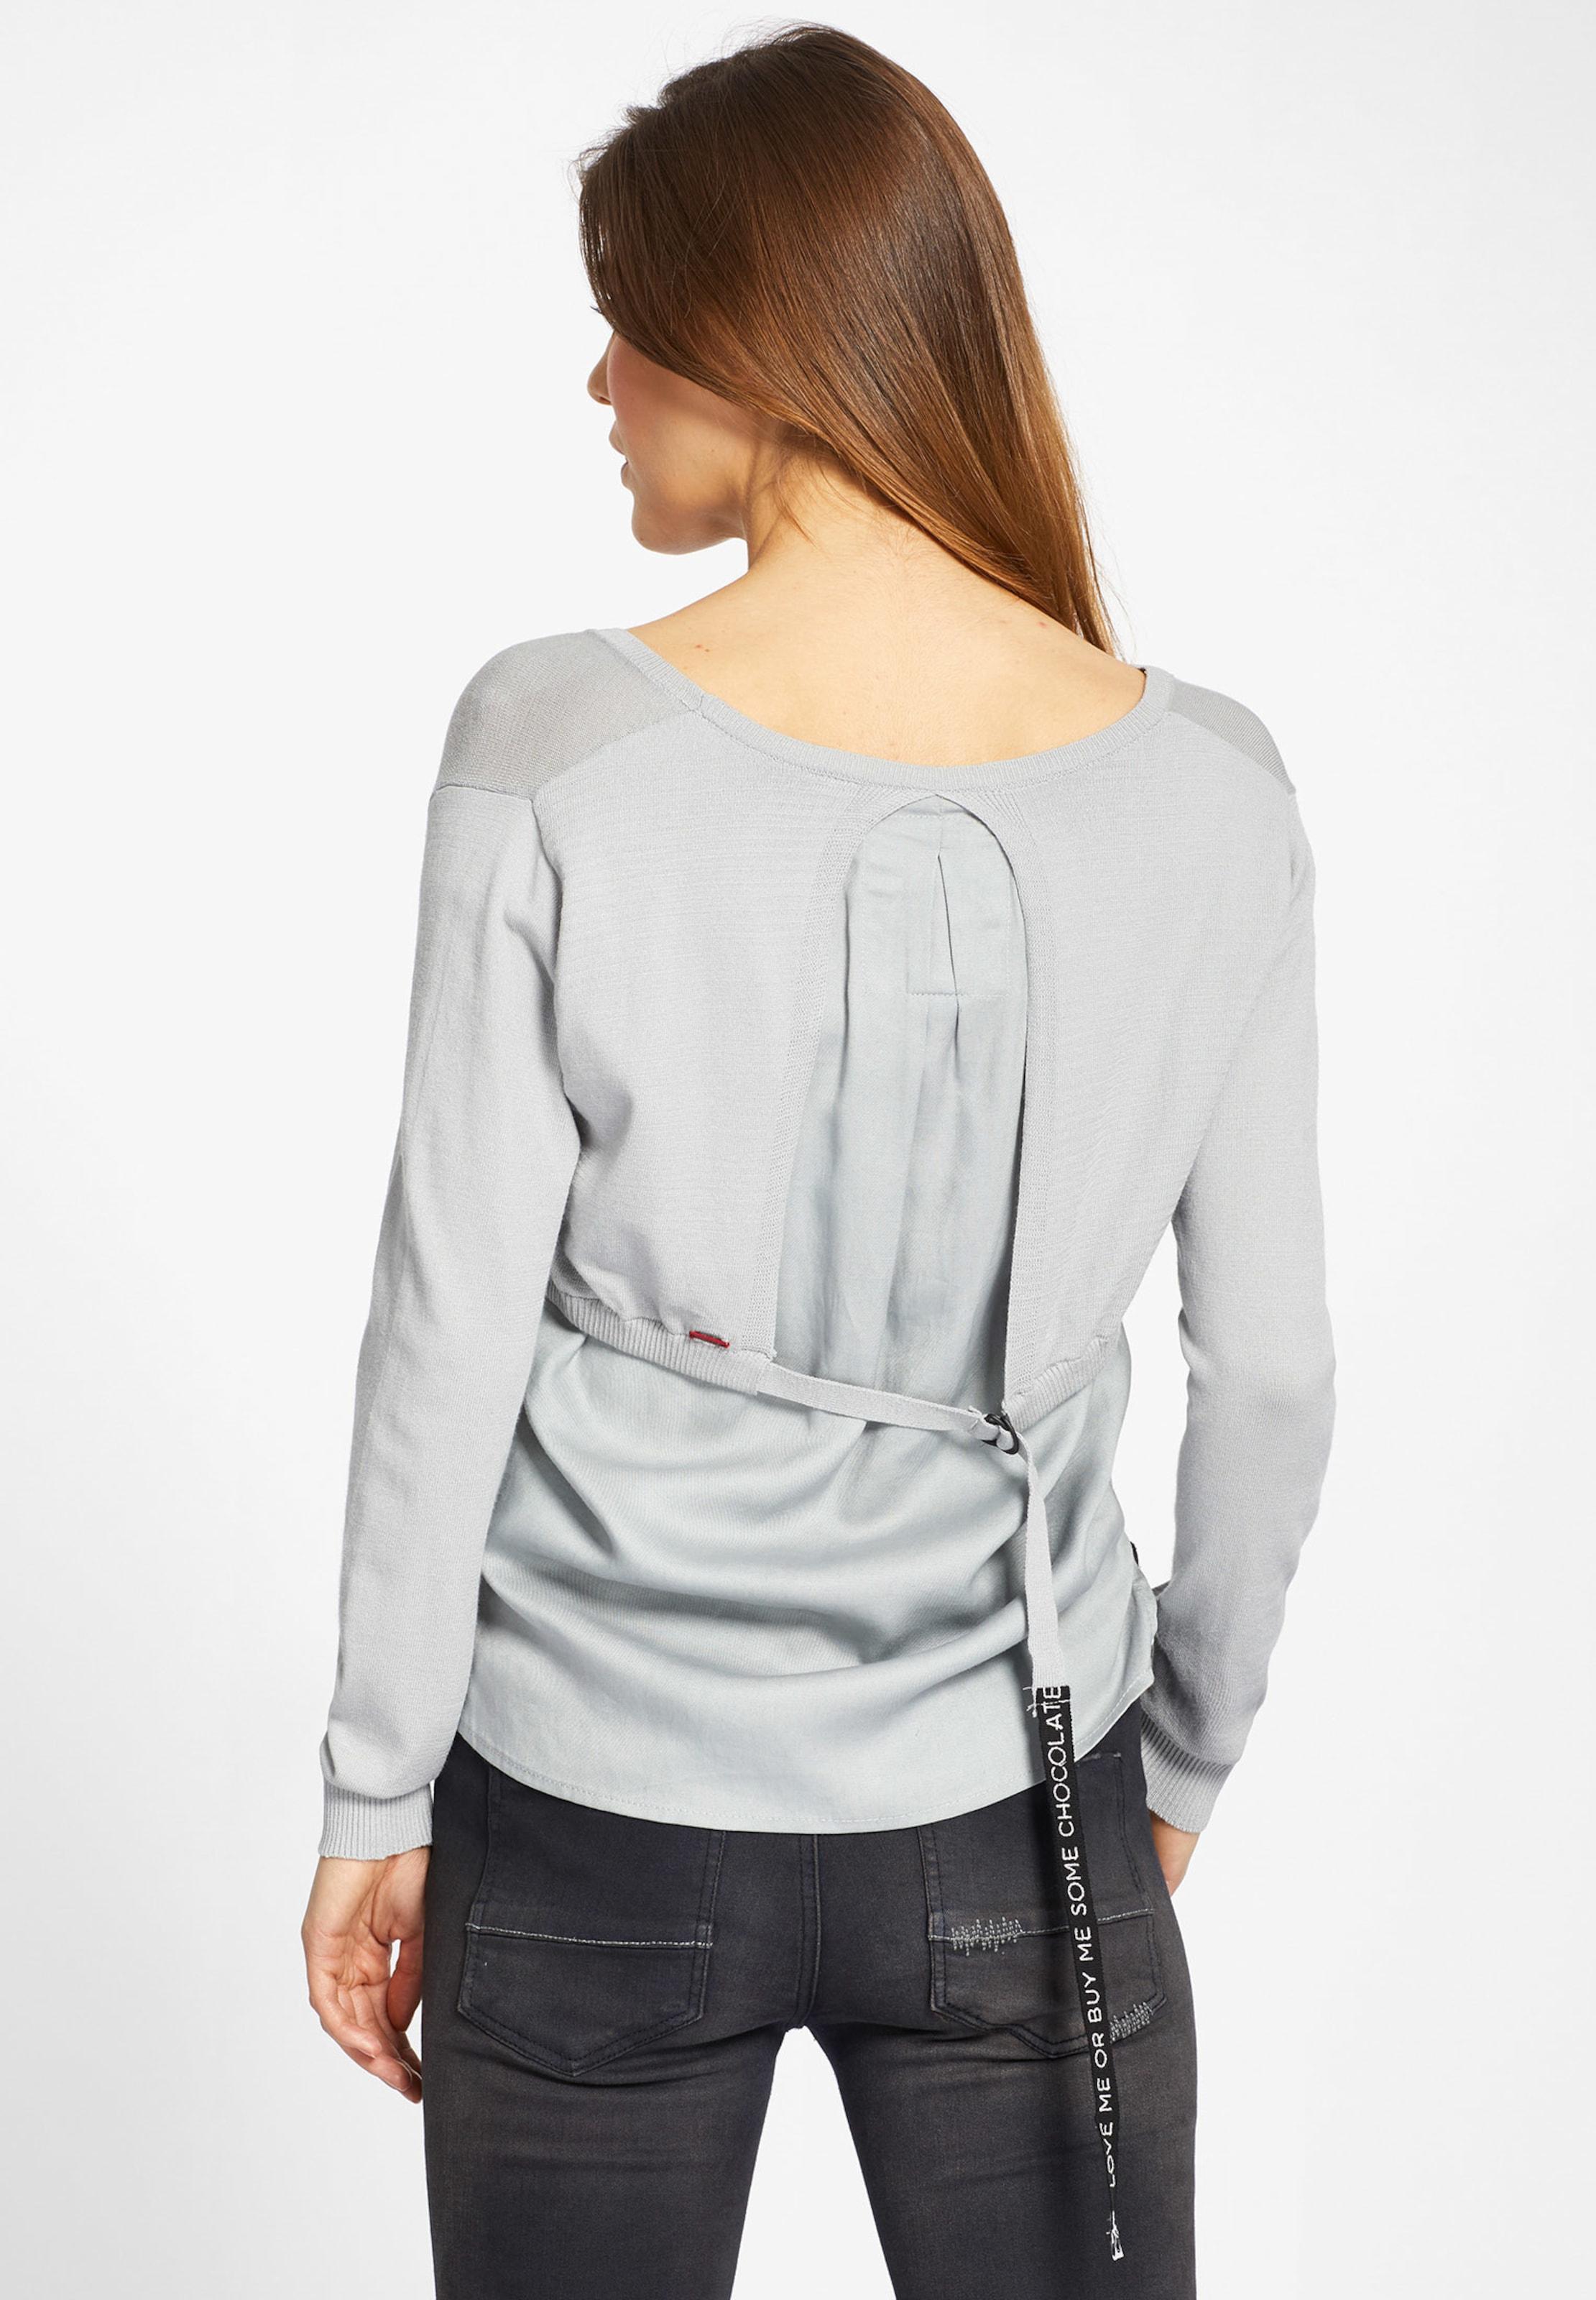 'bathia' Grau Khujo Khujo Pullover 'bathia' In Pullover Grau In Khujo 'bathia' Pullover D9EHWI2Y